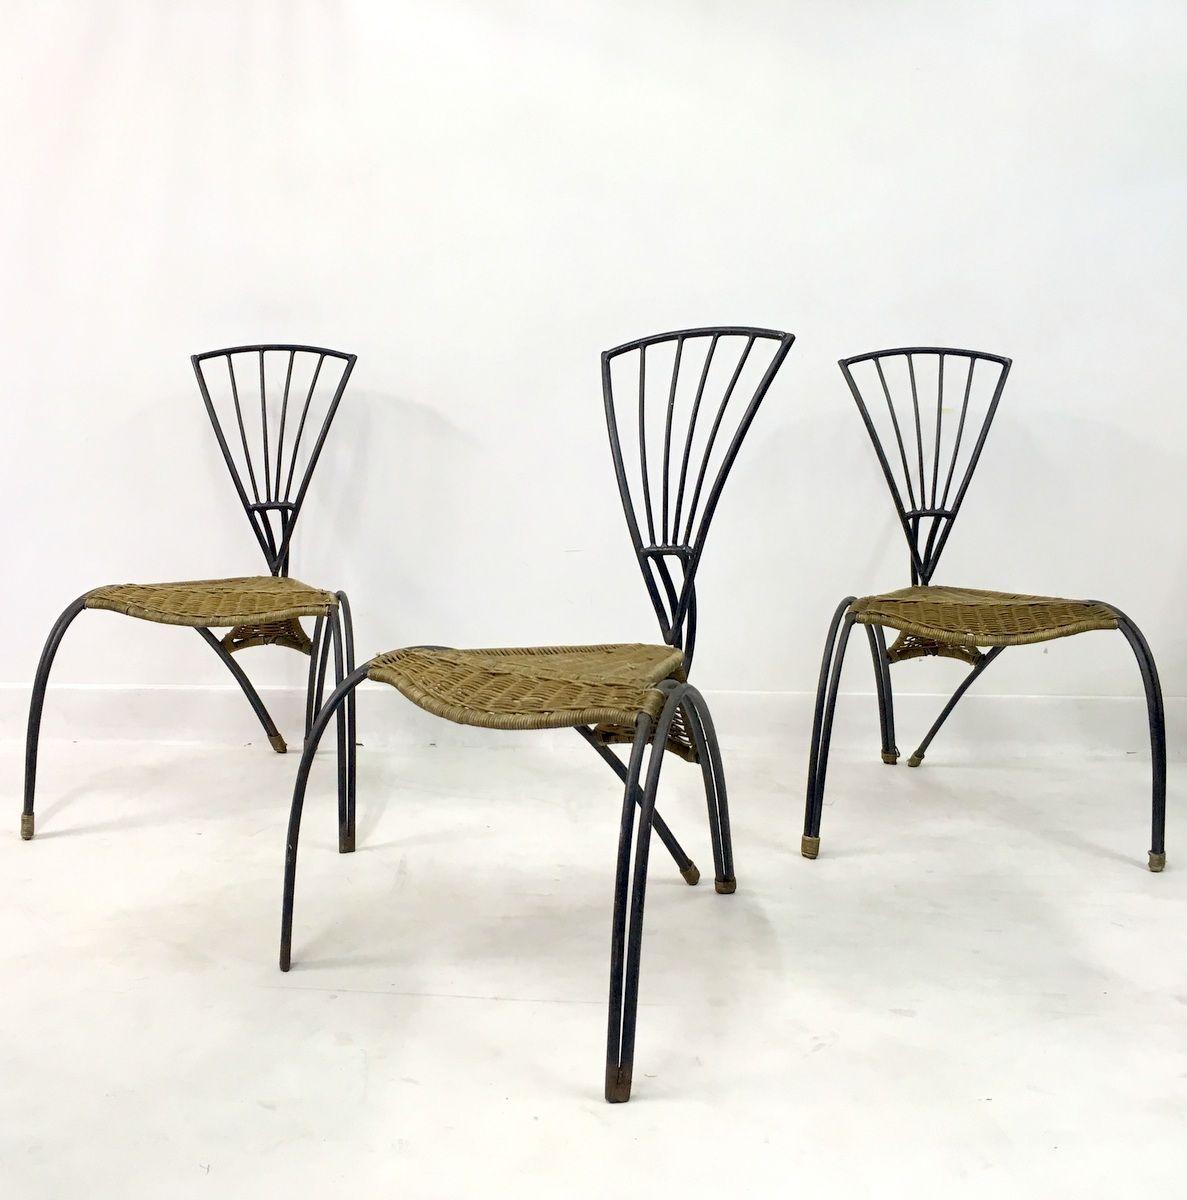 franz sische st hle aus schmiedeeisen rattan 3er set. Black Bedroom Furniture Sets. Home Design Ideas